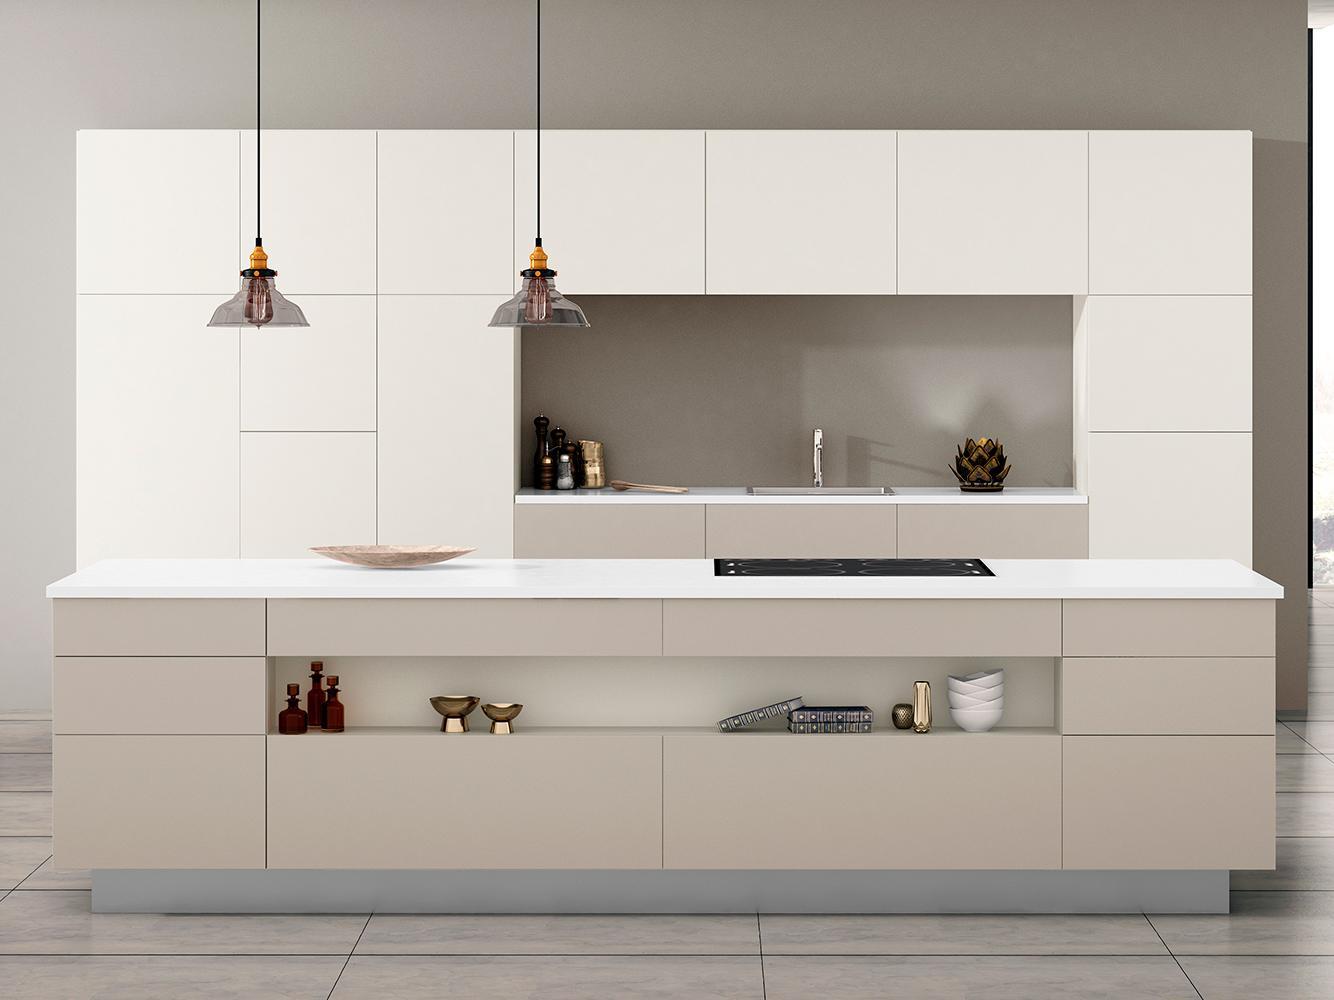 Supermatt-Luxe-Zenit-by-Alvic-Luxe-by-Alvic- consejos para elegir los muebles de cocina